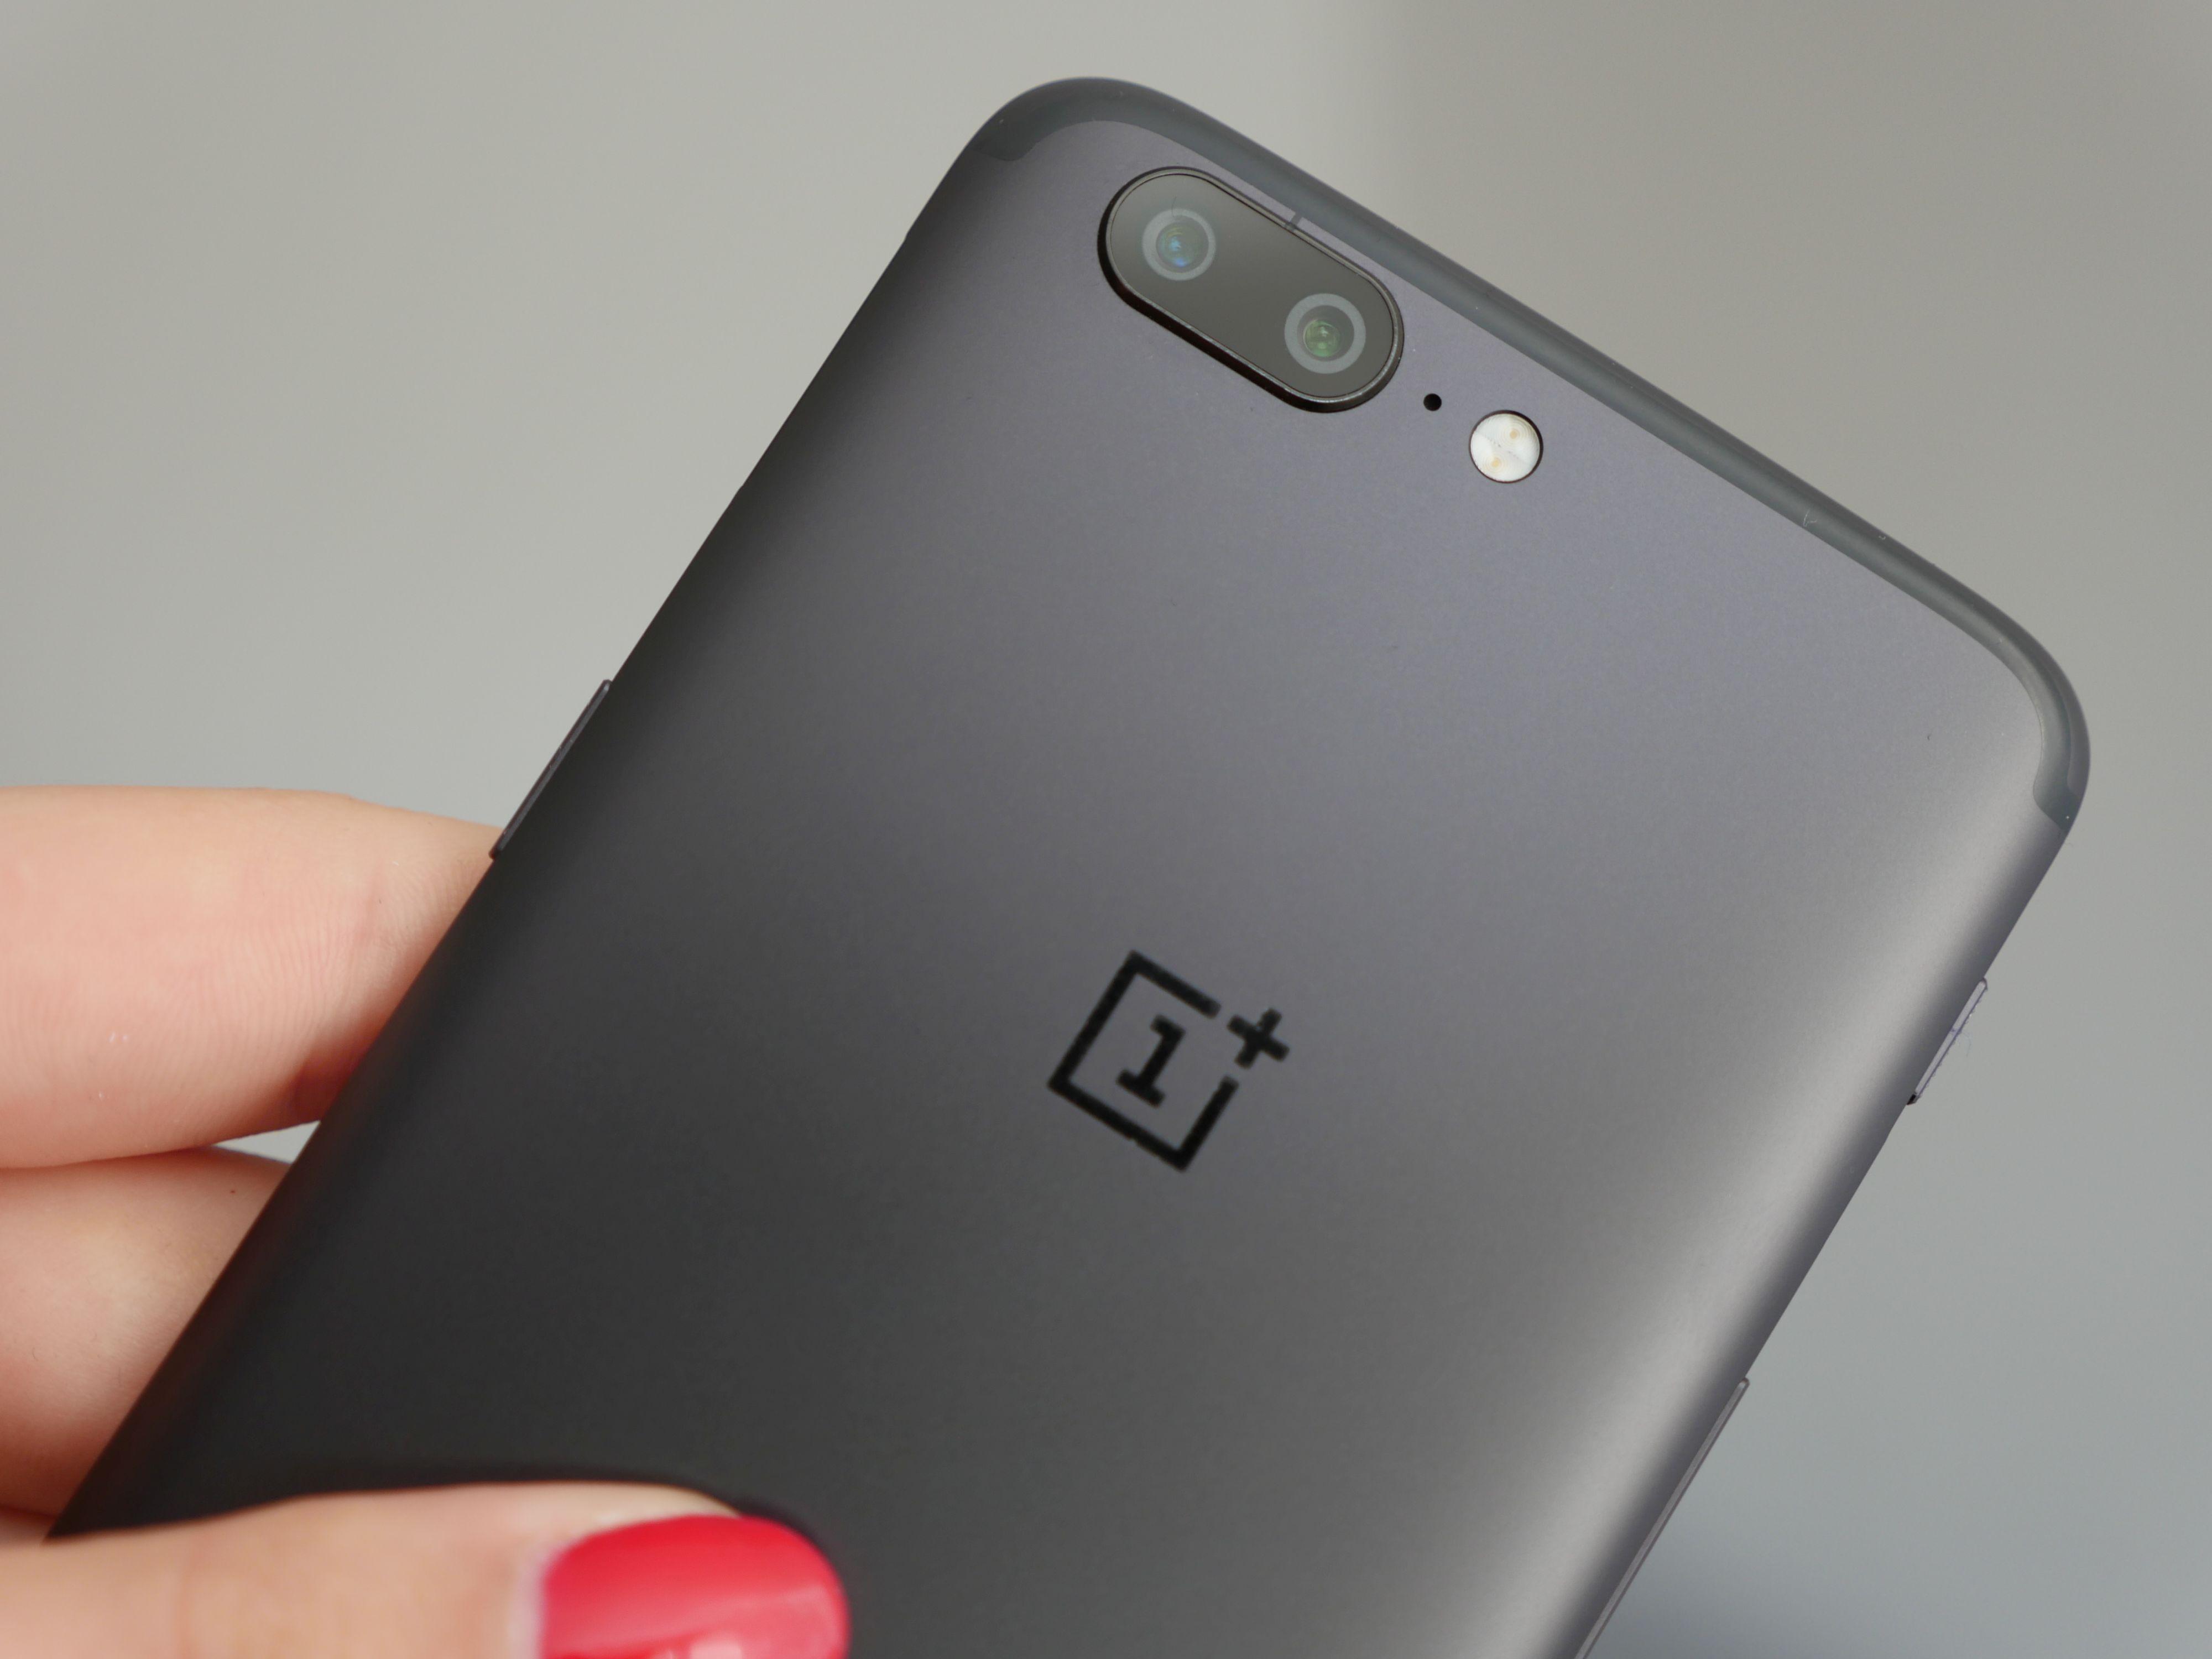 Coś nie wyszło: OnePlus wstrzymuje aktualizacje Androida Oreo dla OnePlusa 5 23